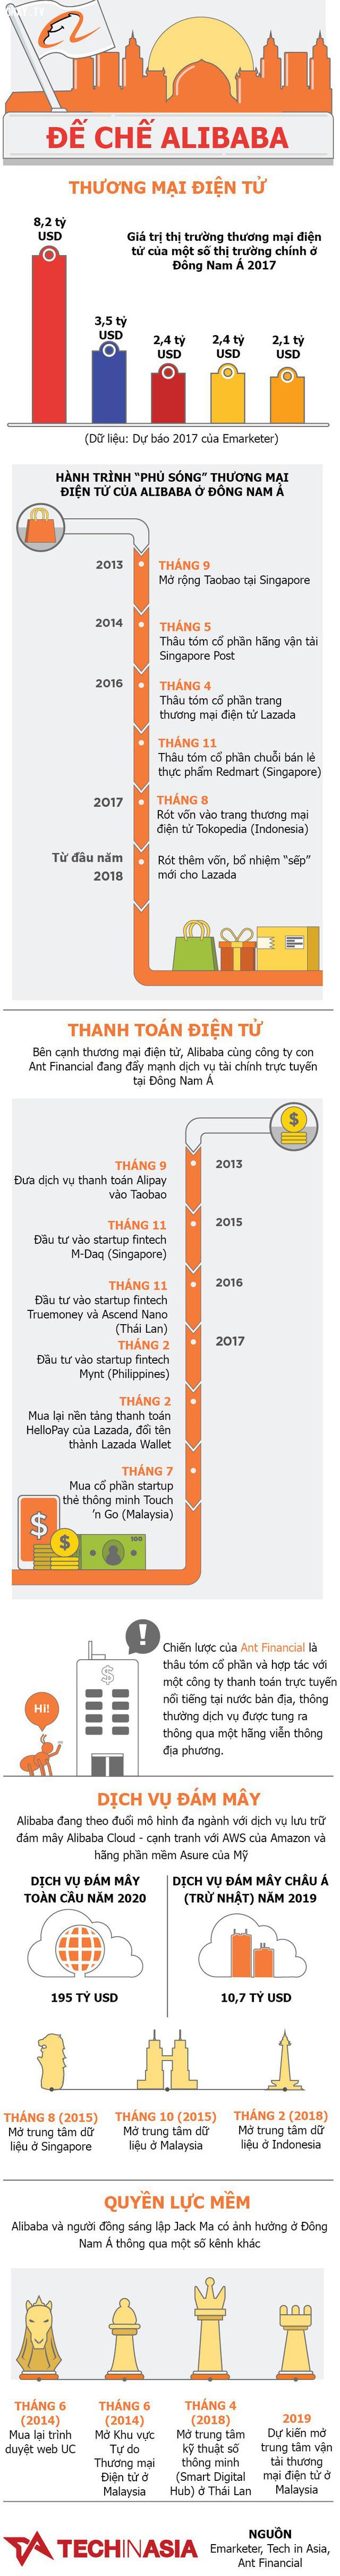 Trong những năm qua, Alibaba của Jack Ma đã thâu tóm thị trường Đông Nam Á như thế nào?